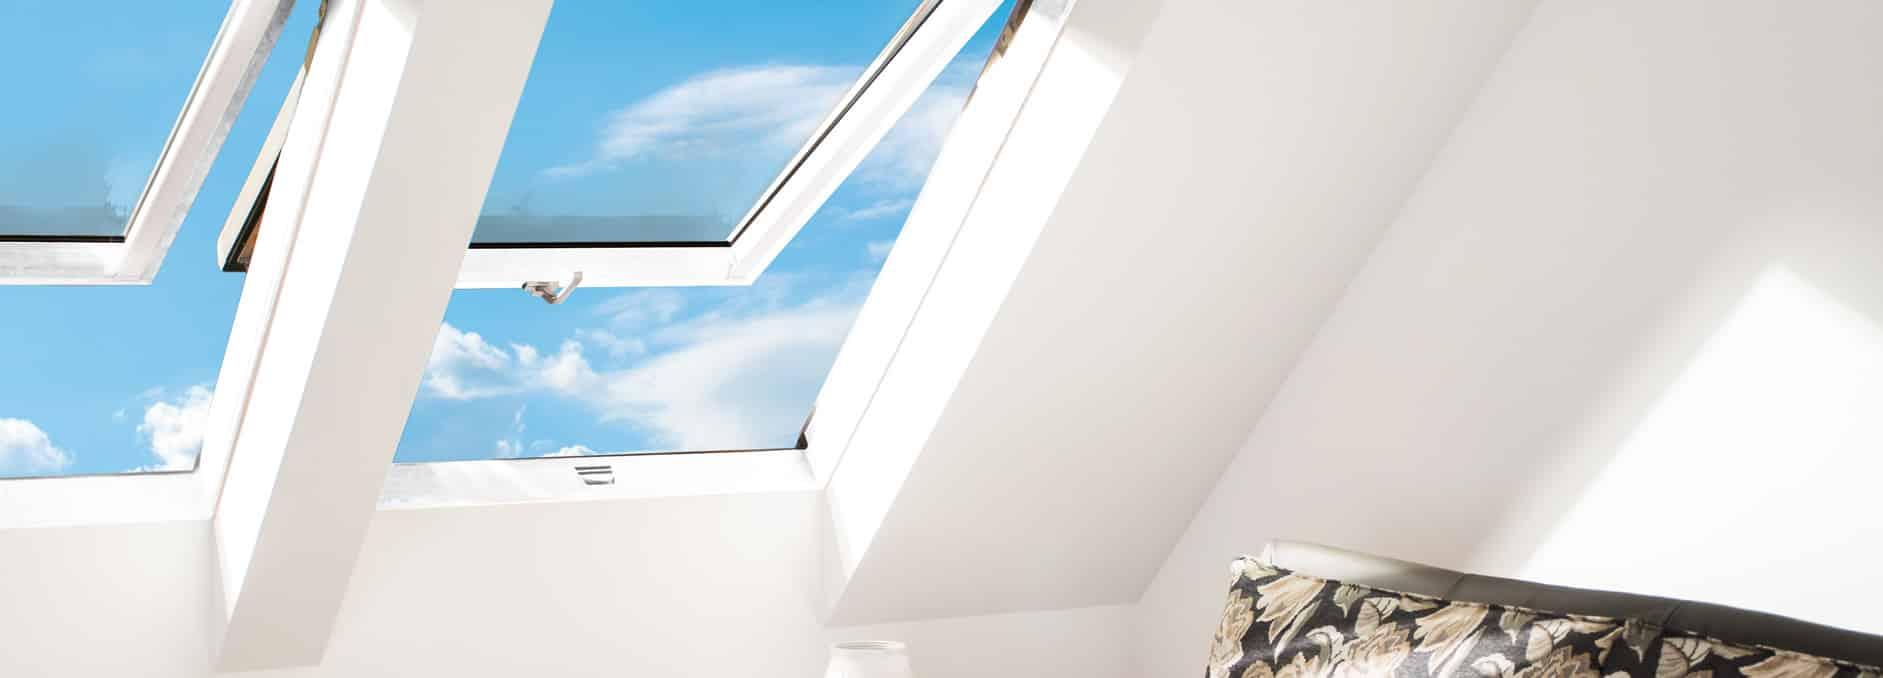 dachflaechenfenster titel - Dachflächenfenster